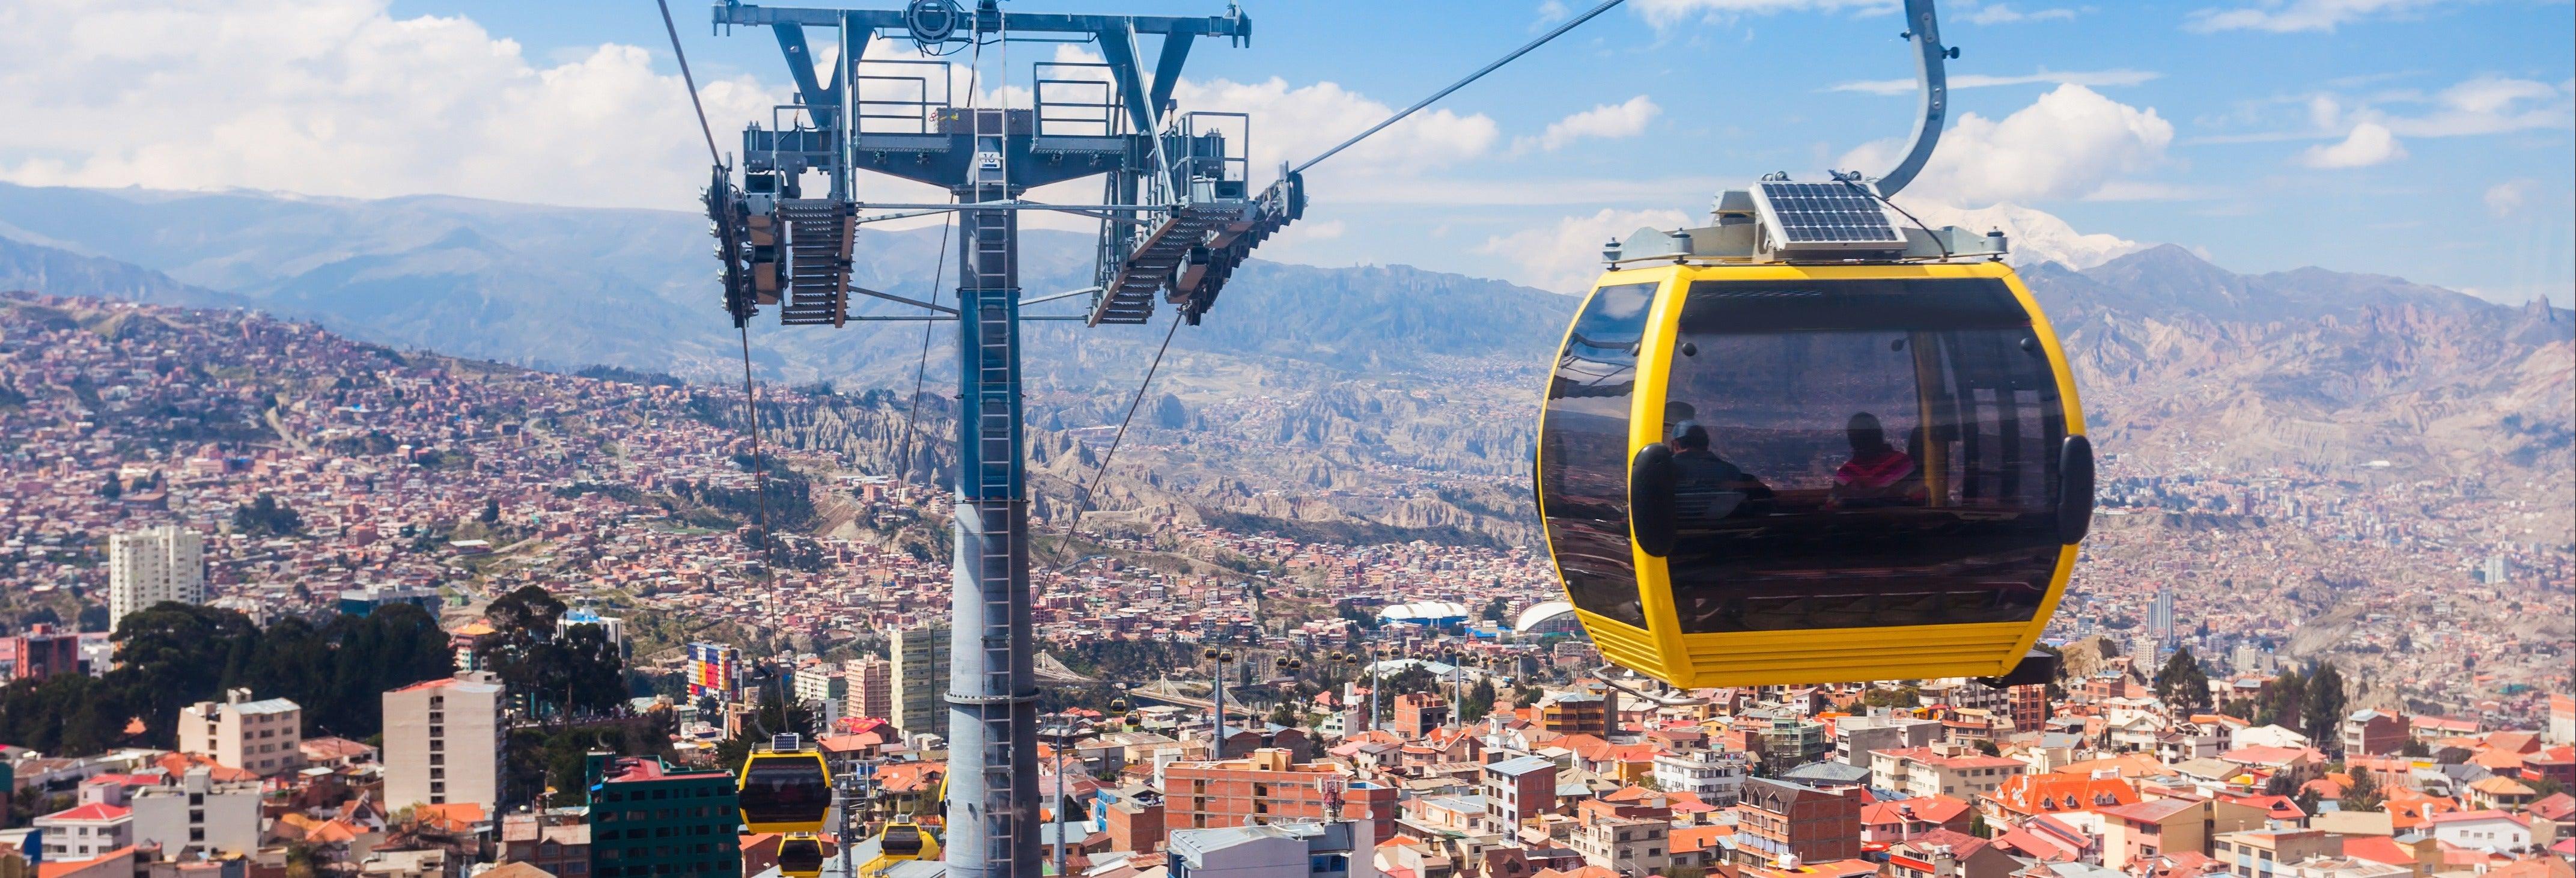 Tour privado dos teleféricos de La Paz